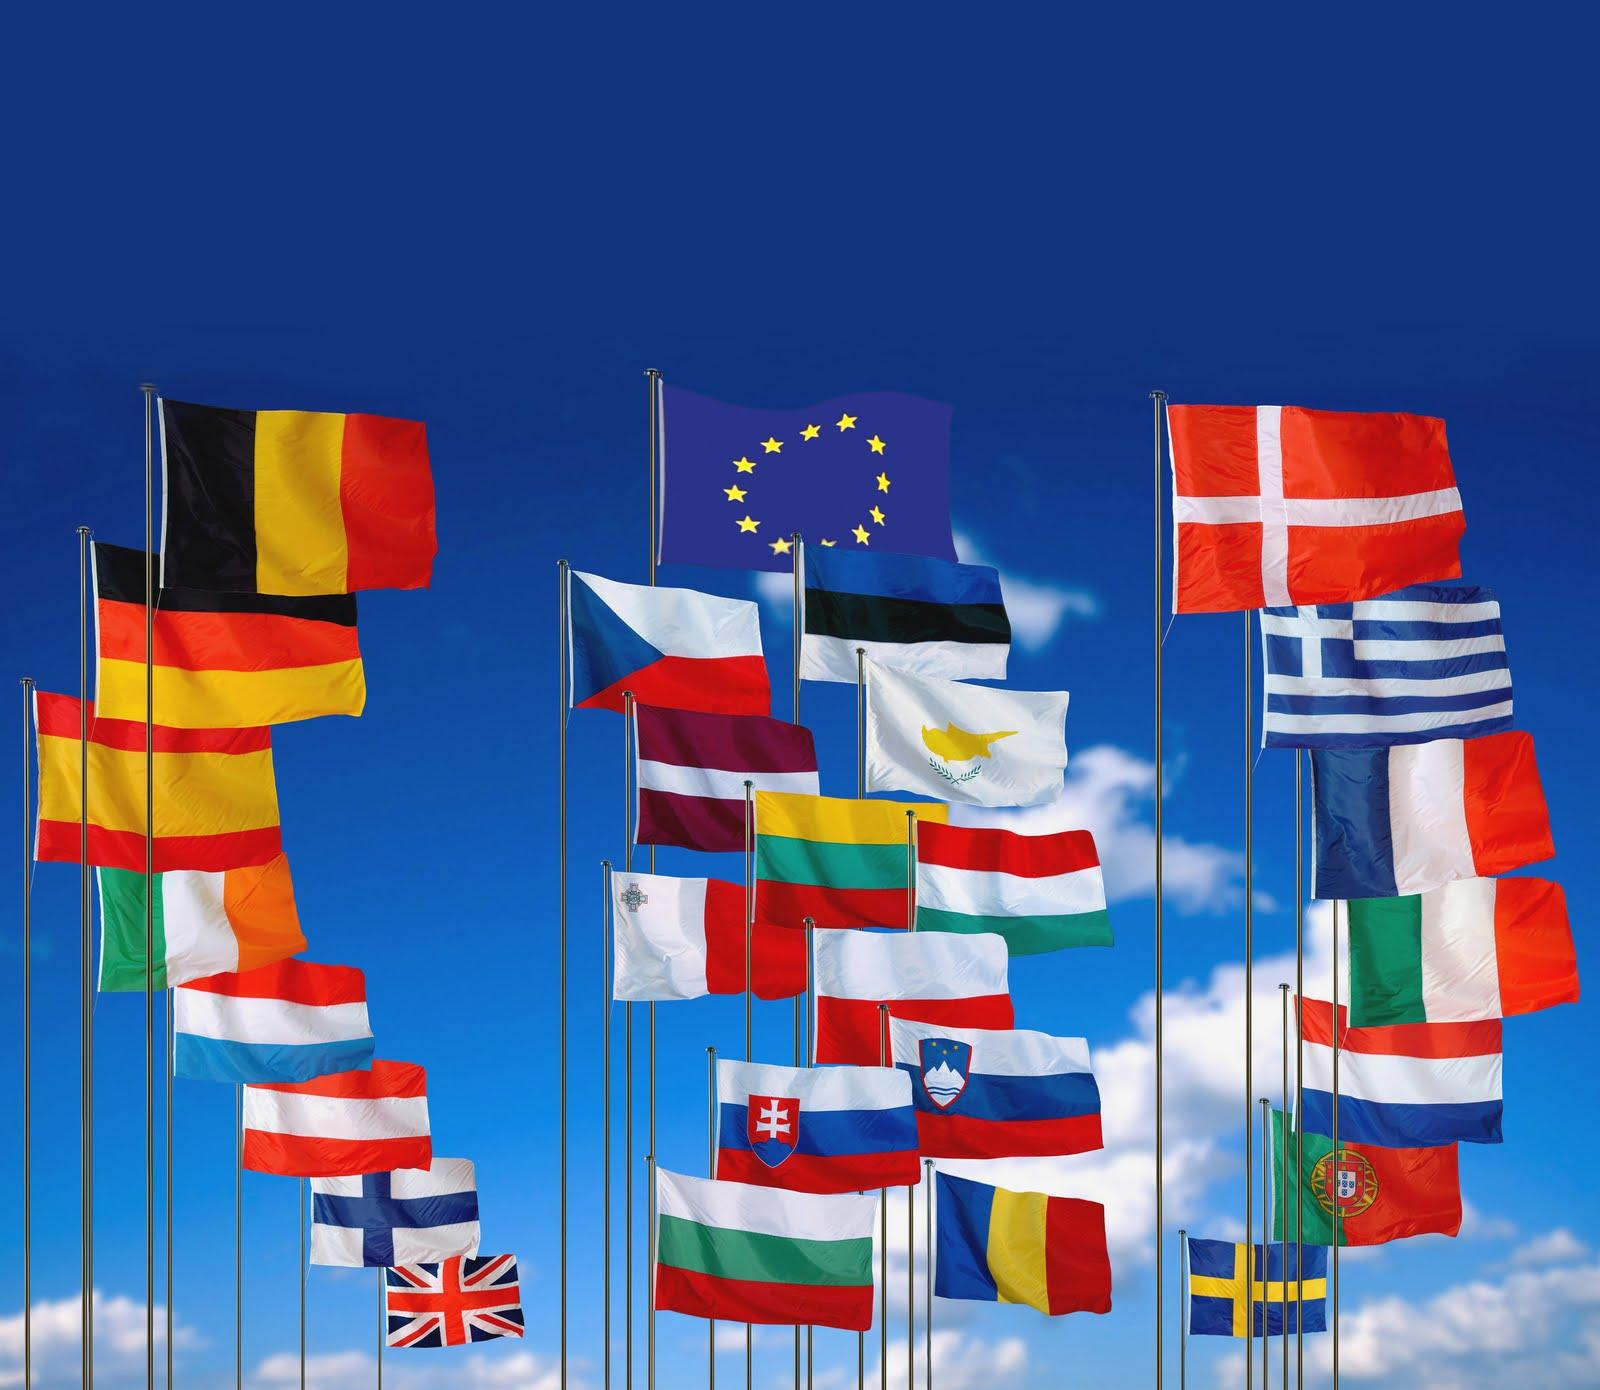 Quizz Les drapeaux d'Europe - Quiz Europe, Drapeaux - photo#30